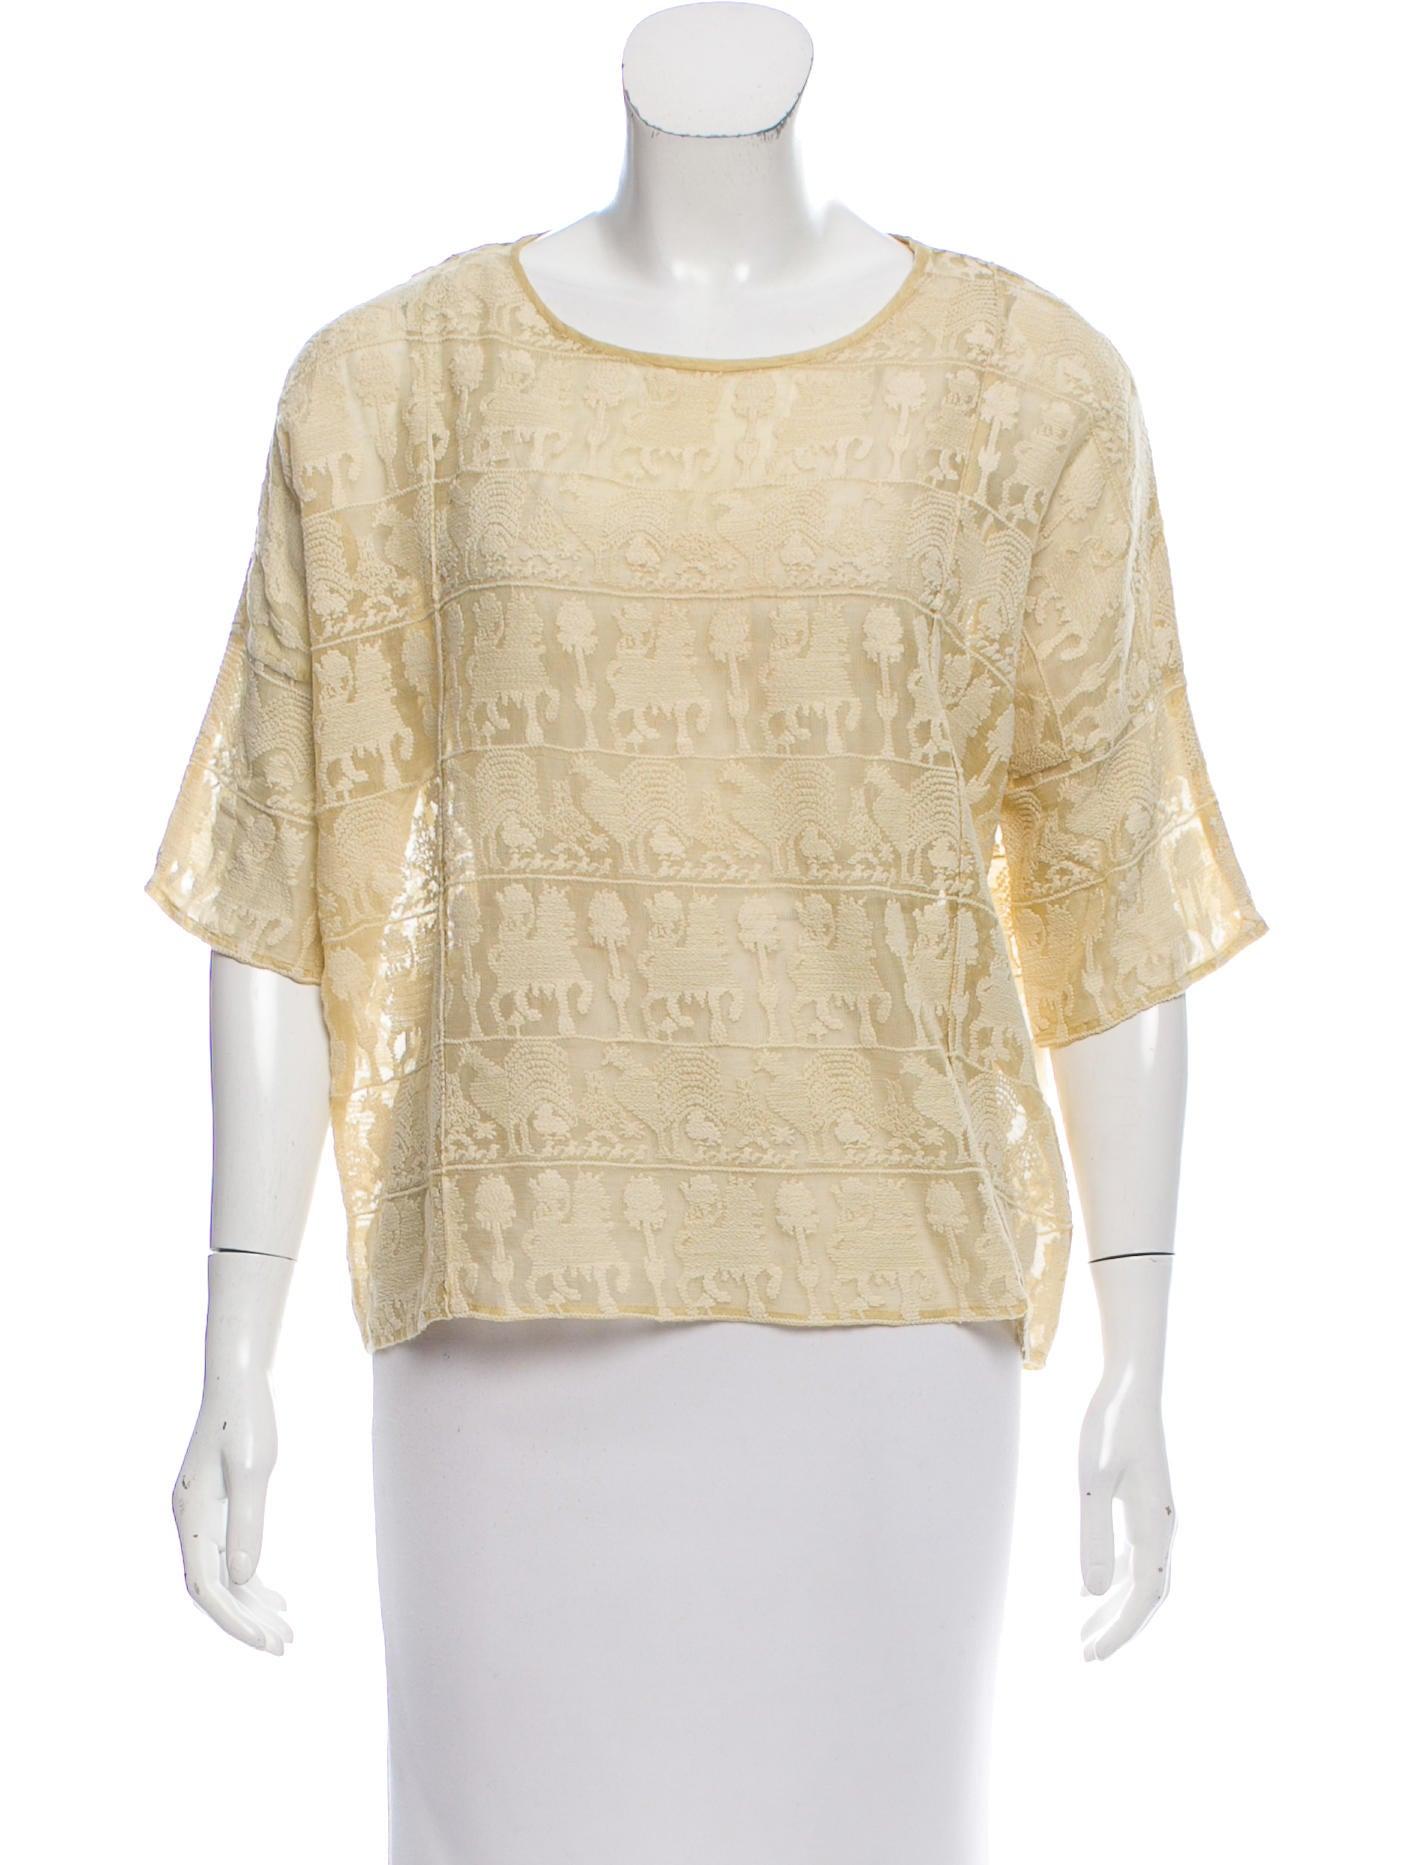 74485858088 Isabel Marant White Lace Blouse